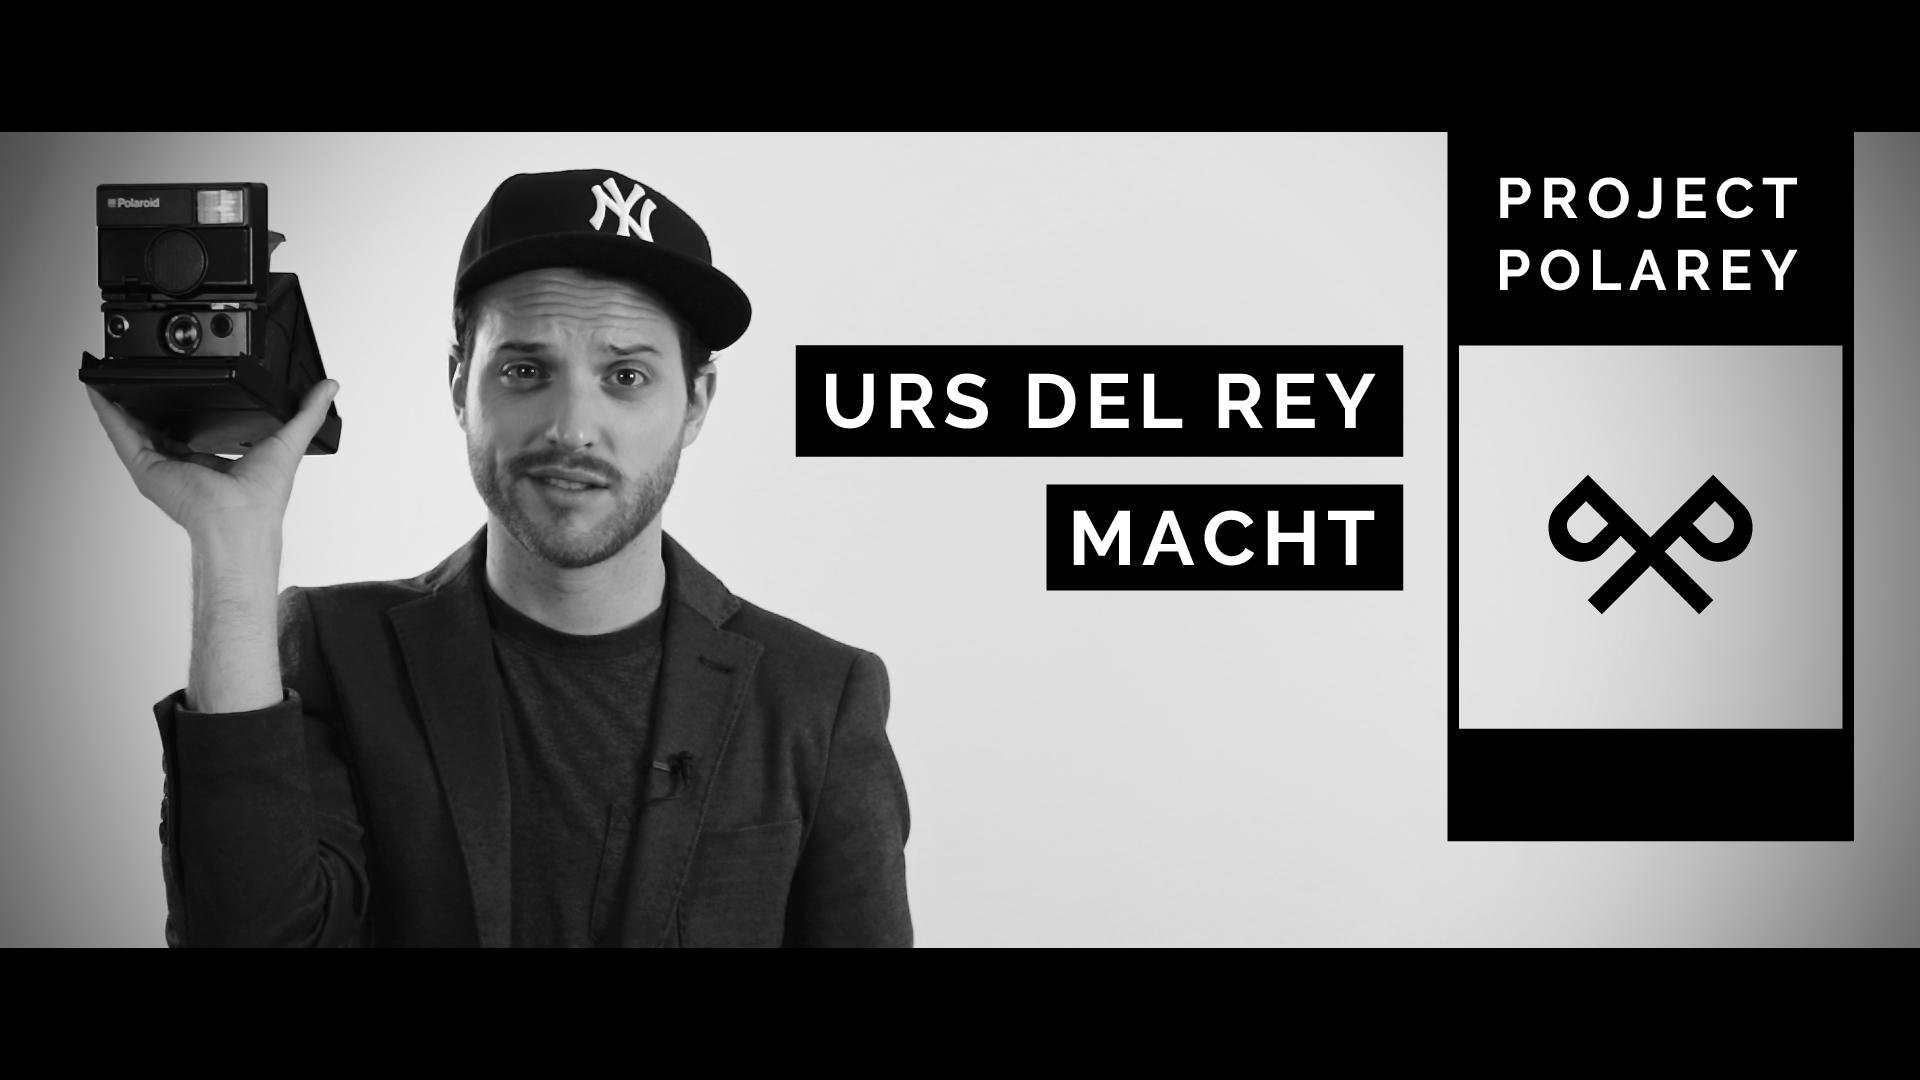 URS DEL REY - POLAREY